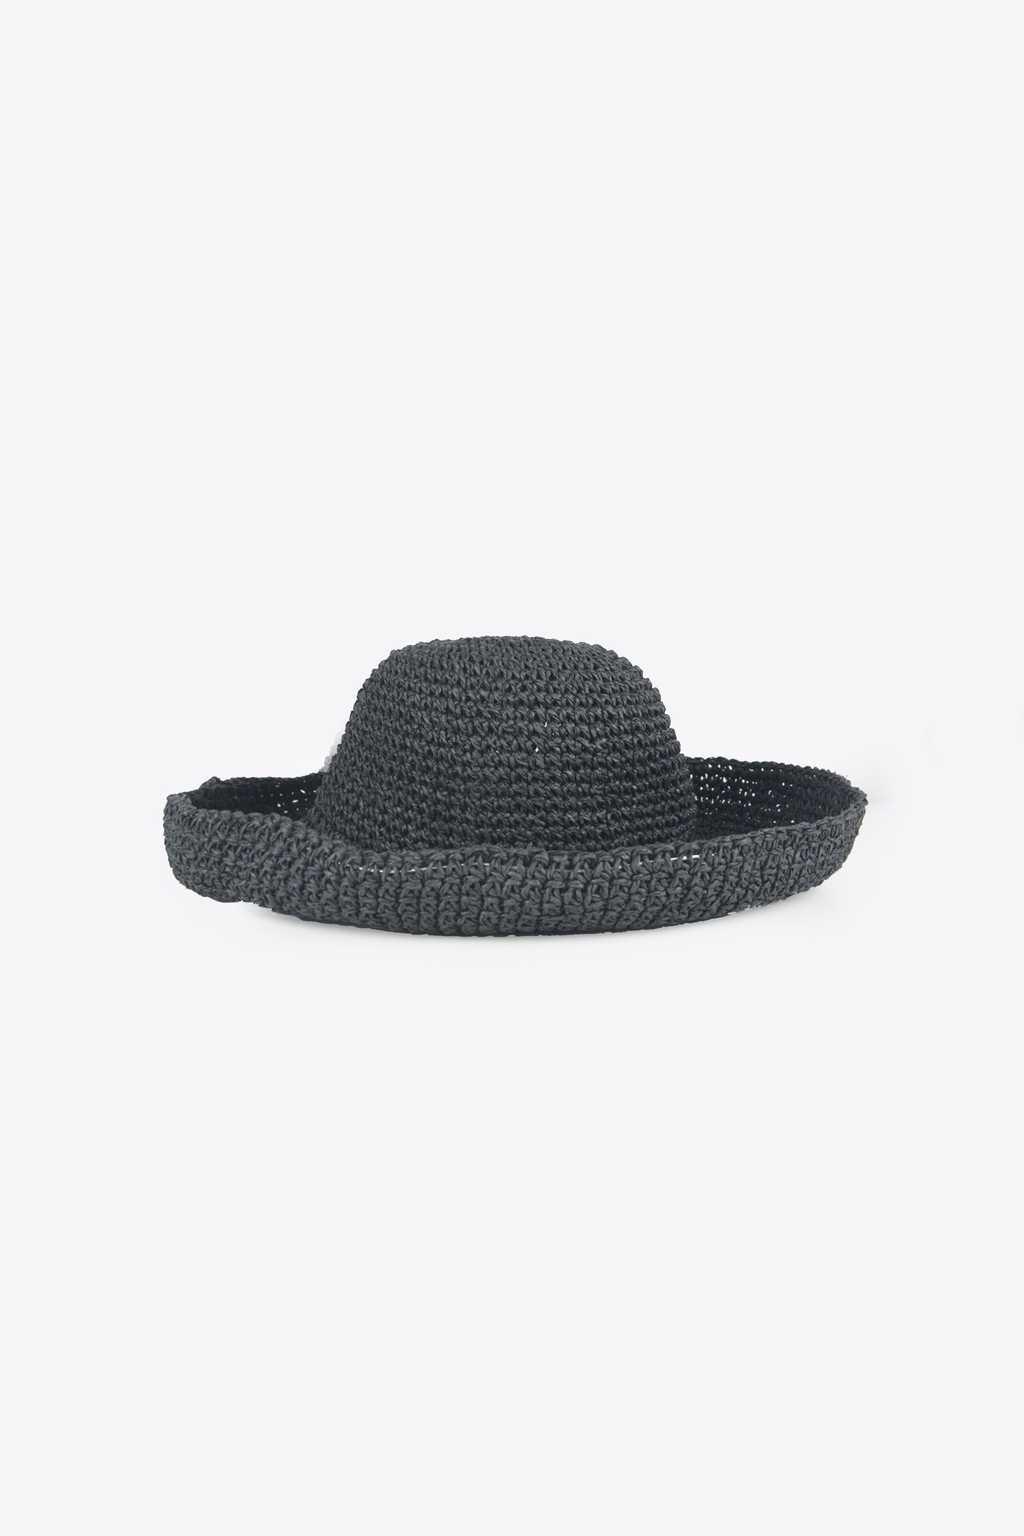 Hat H004 Black 3